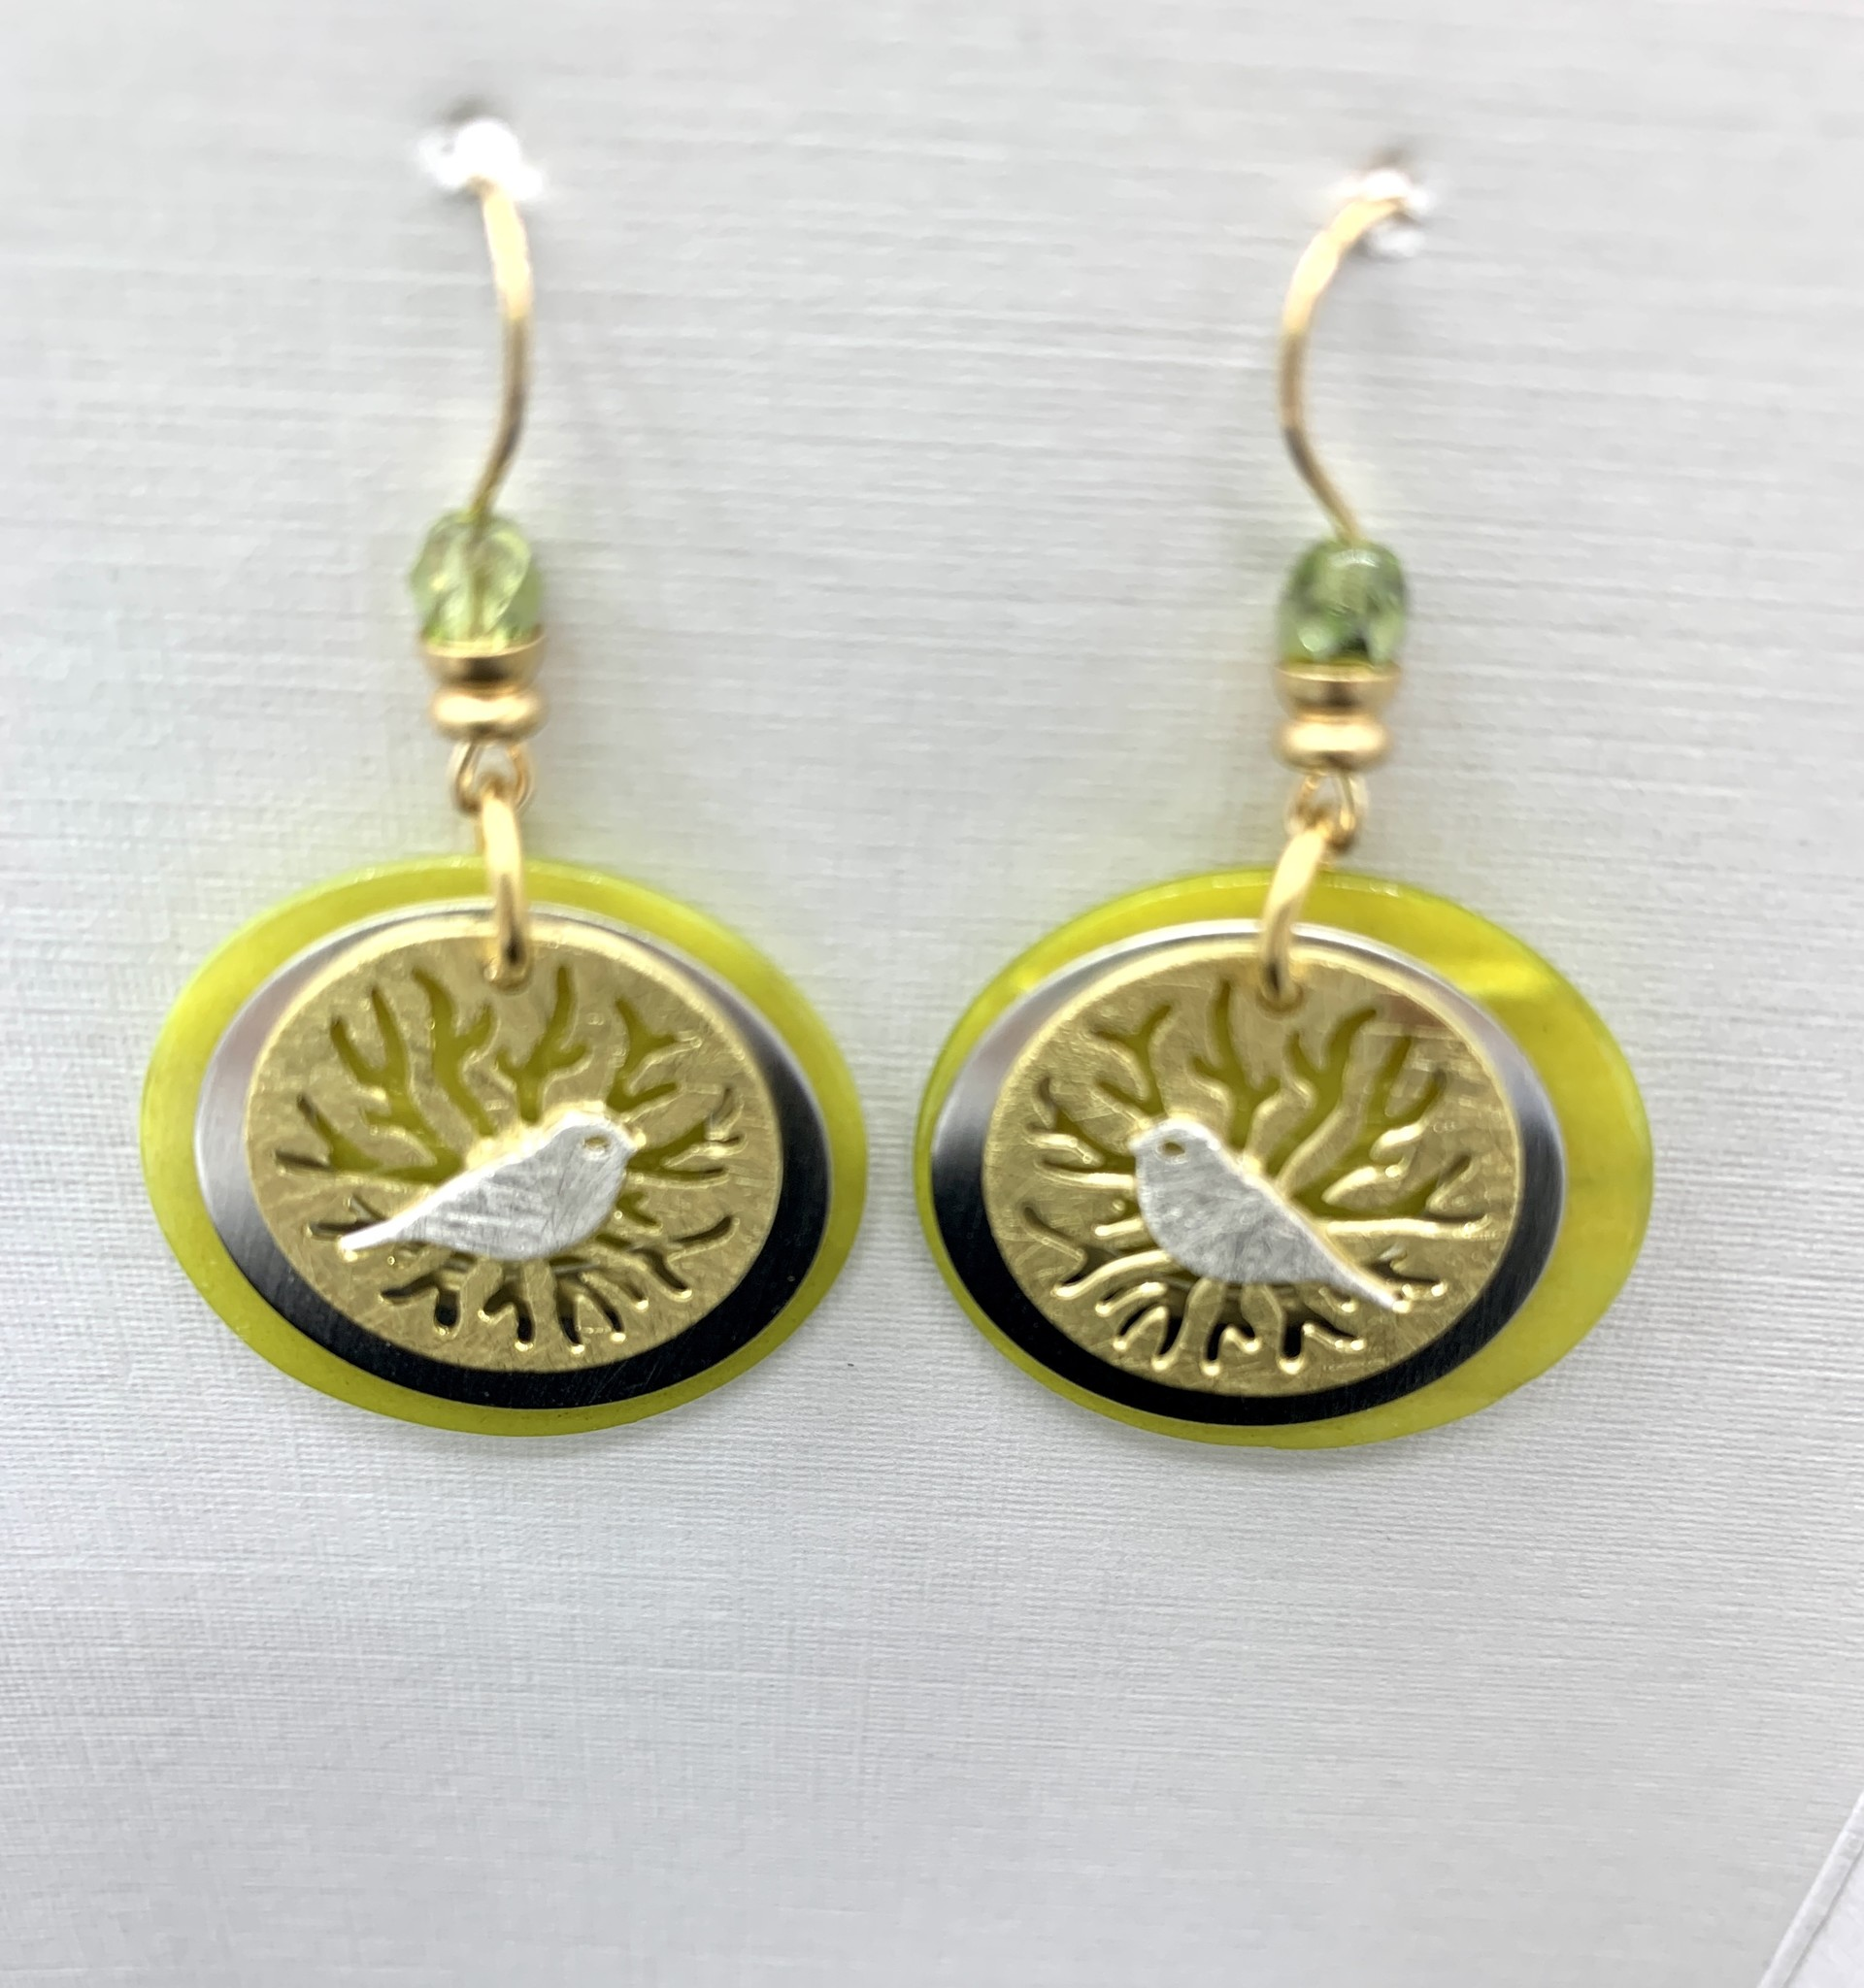 JMR Earrings - Green/Gold